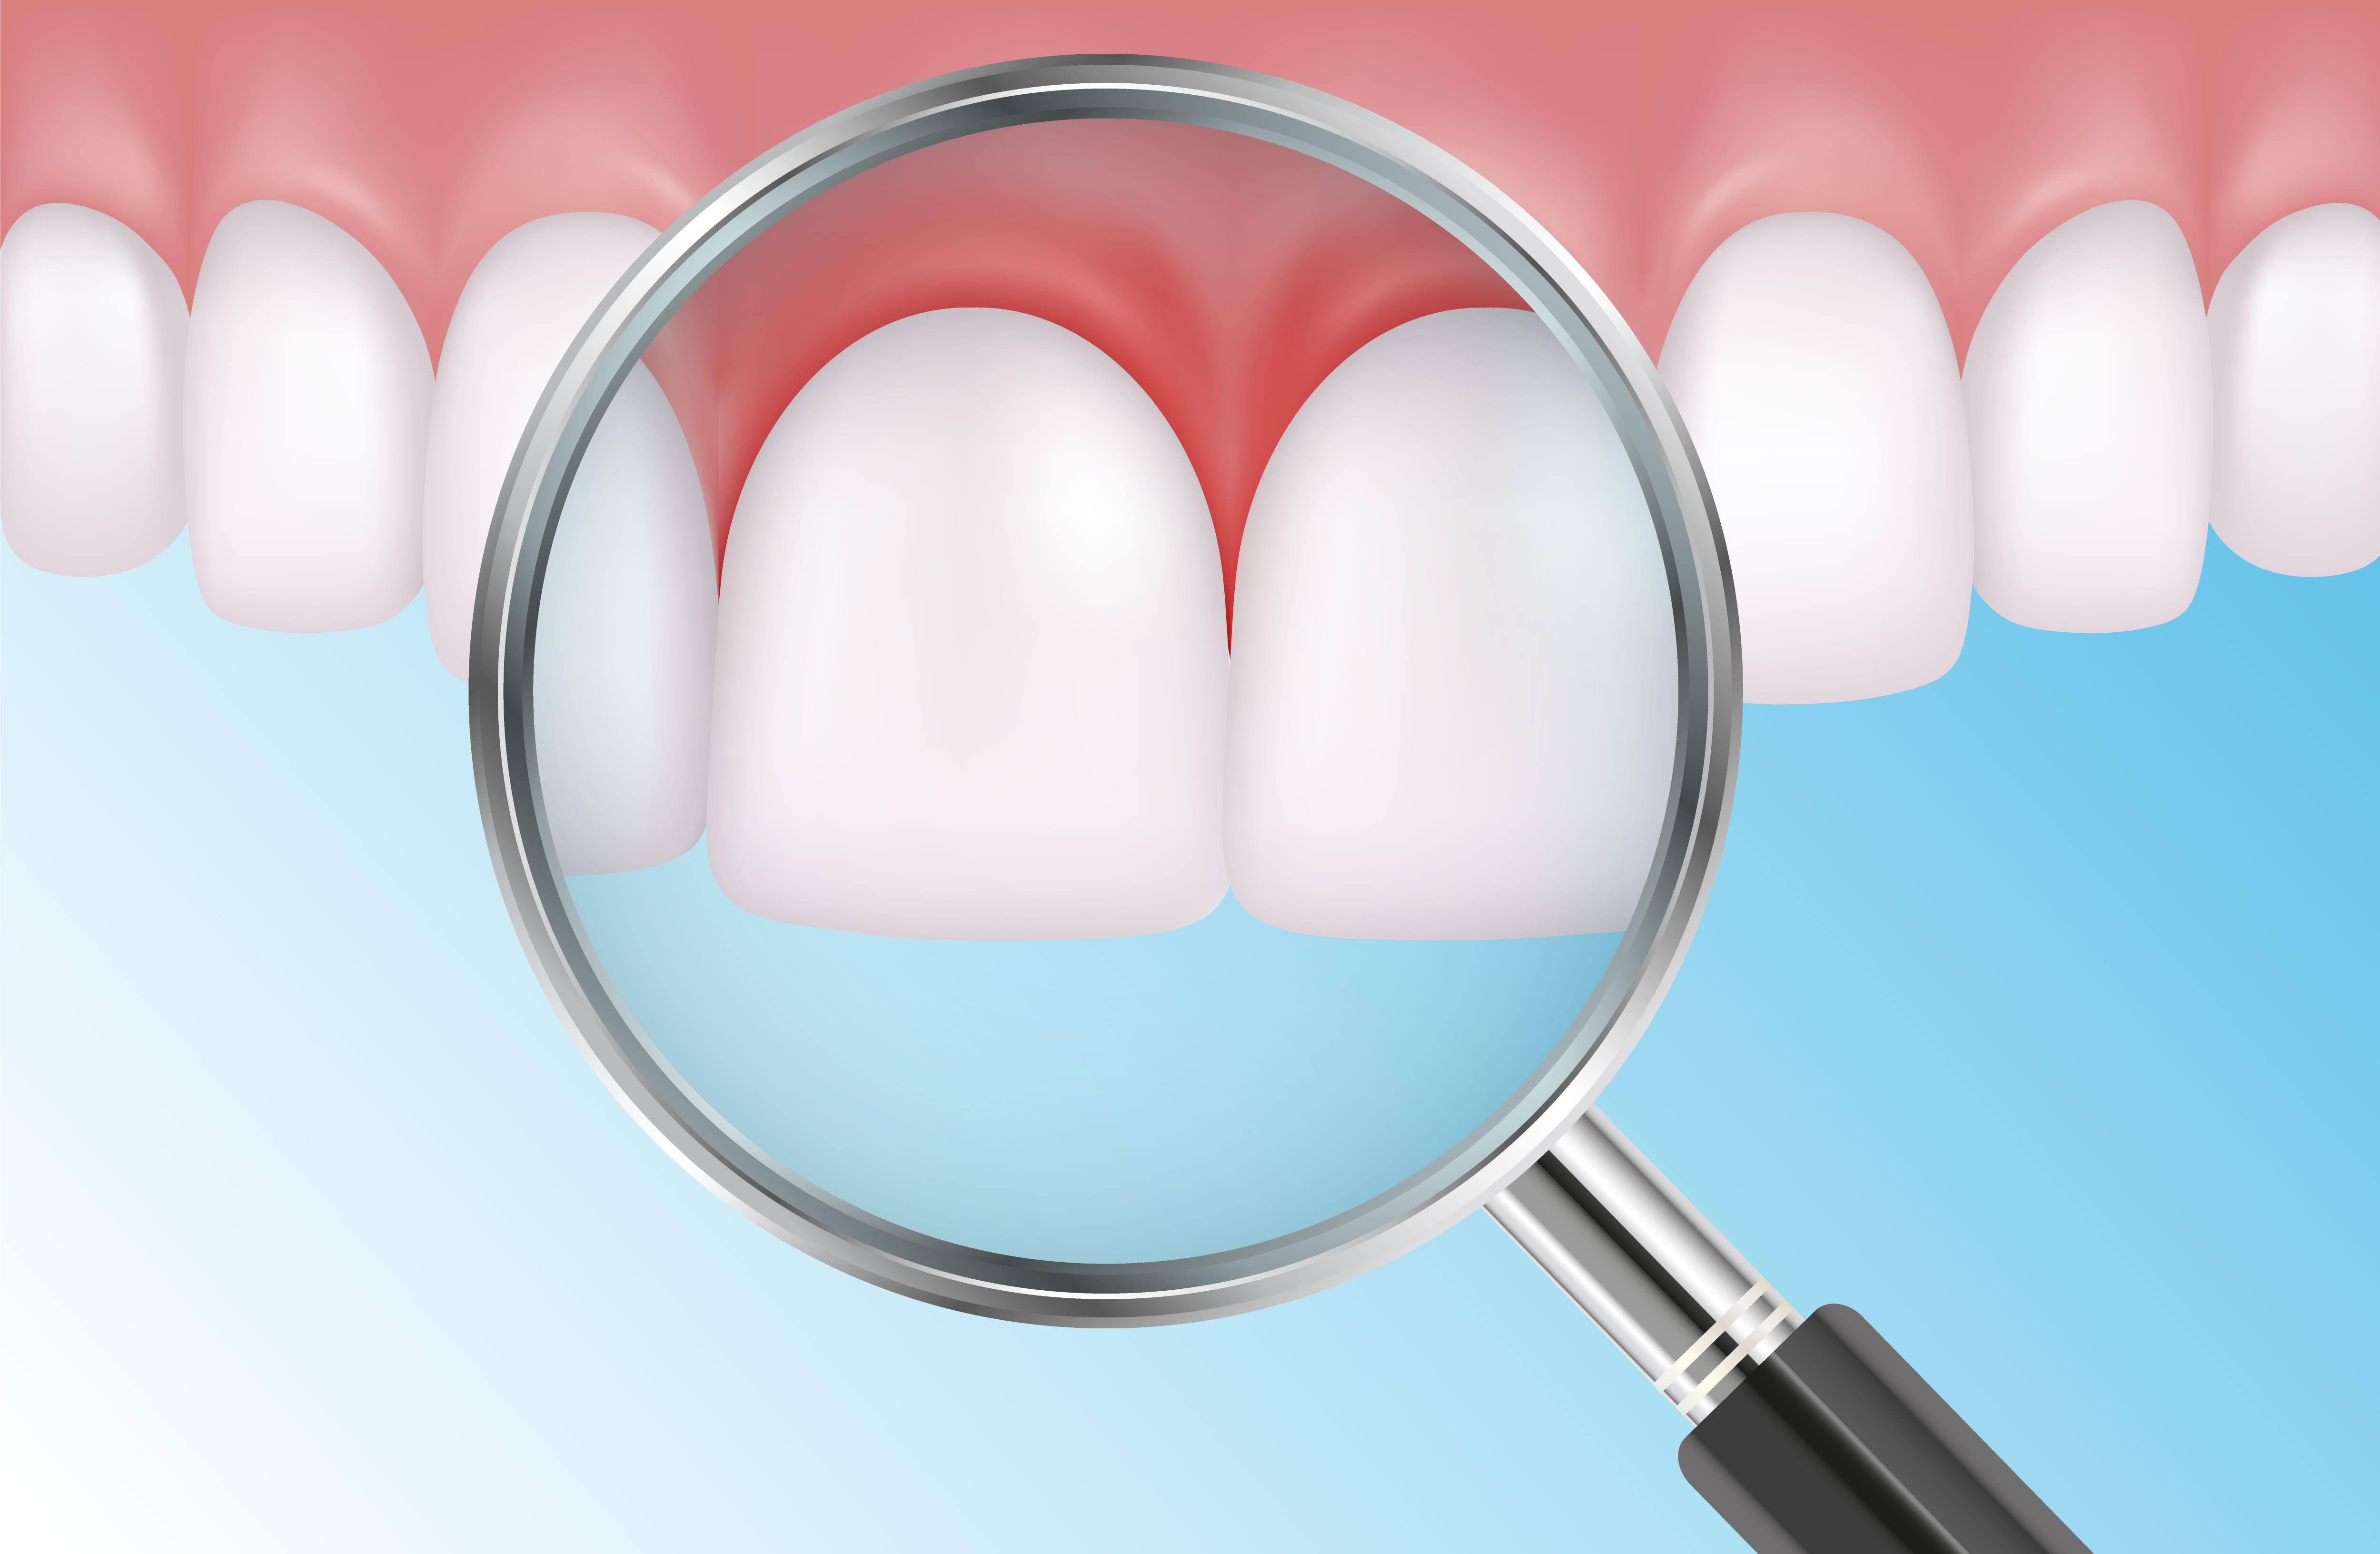 Les soins des gencives sont essentiels au maintien de la santé bucco-dentaire